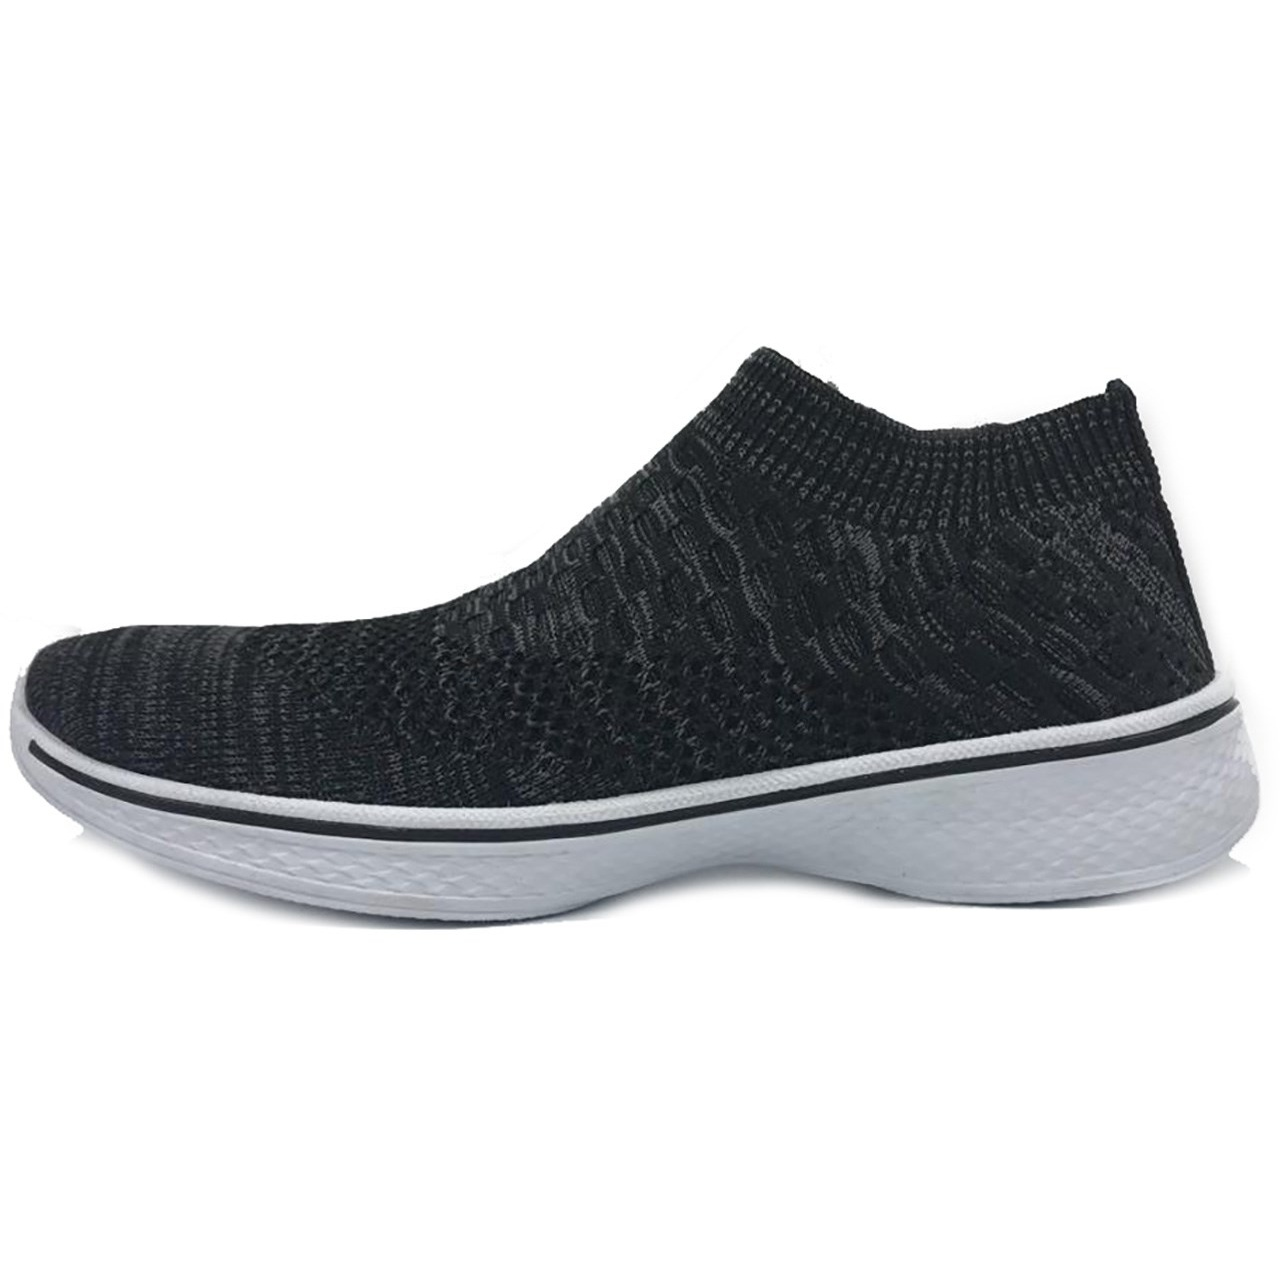 کفش مخصوص پیاده روی زنانه نسیم مدل پاریس              خرید